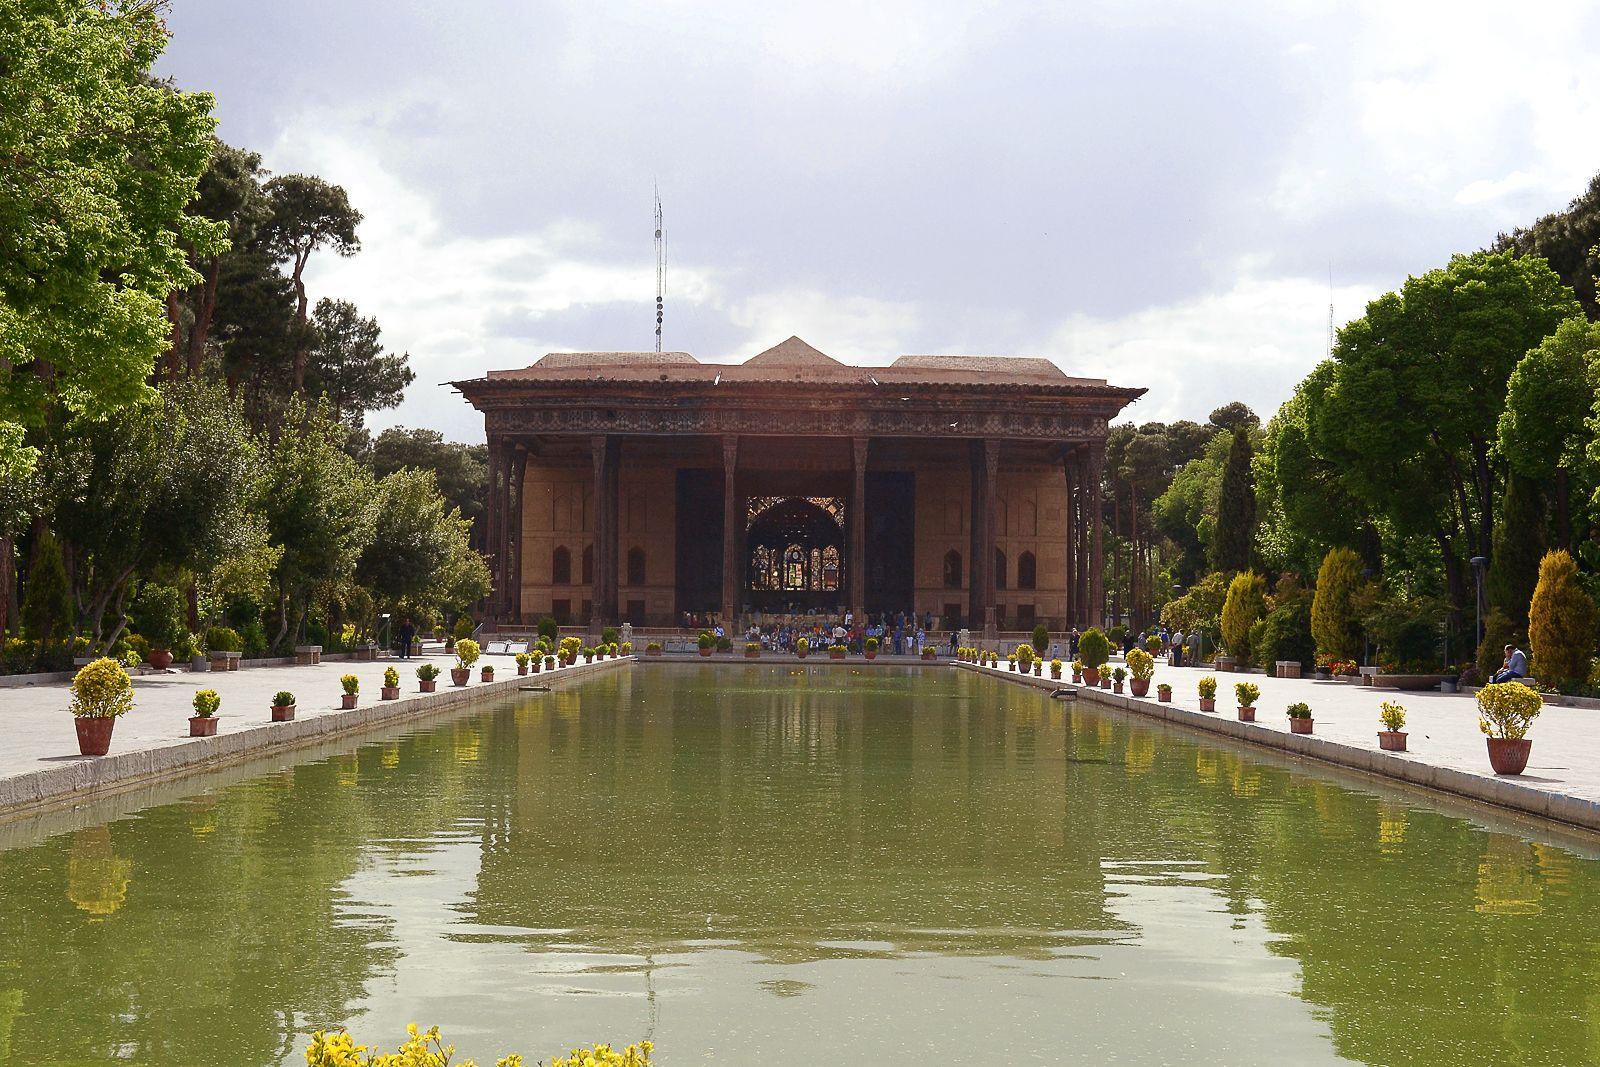 Risultati immagini per isfahan iran palazzo 40 colonne